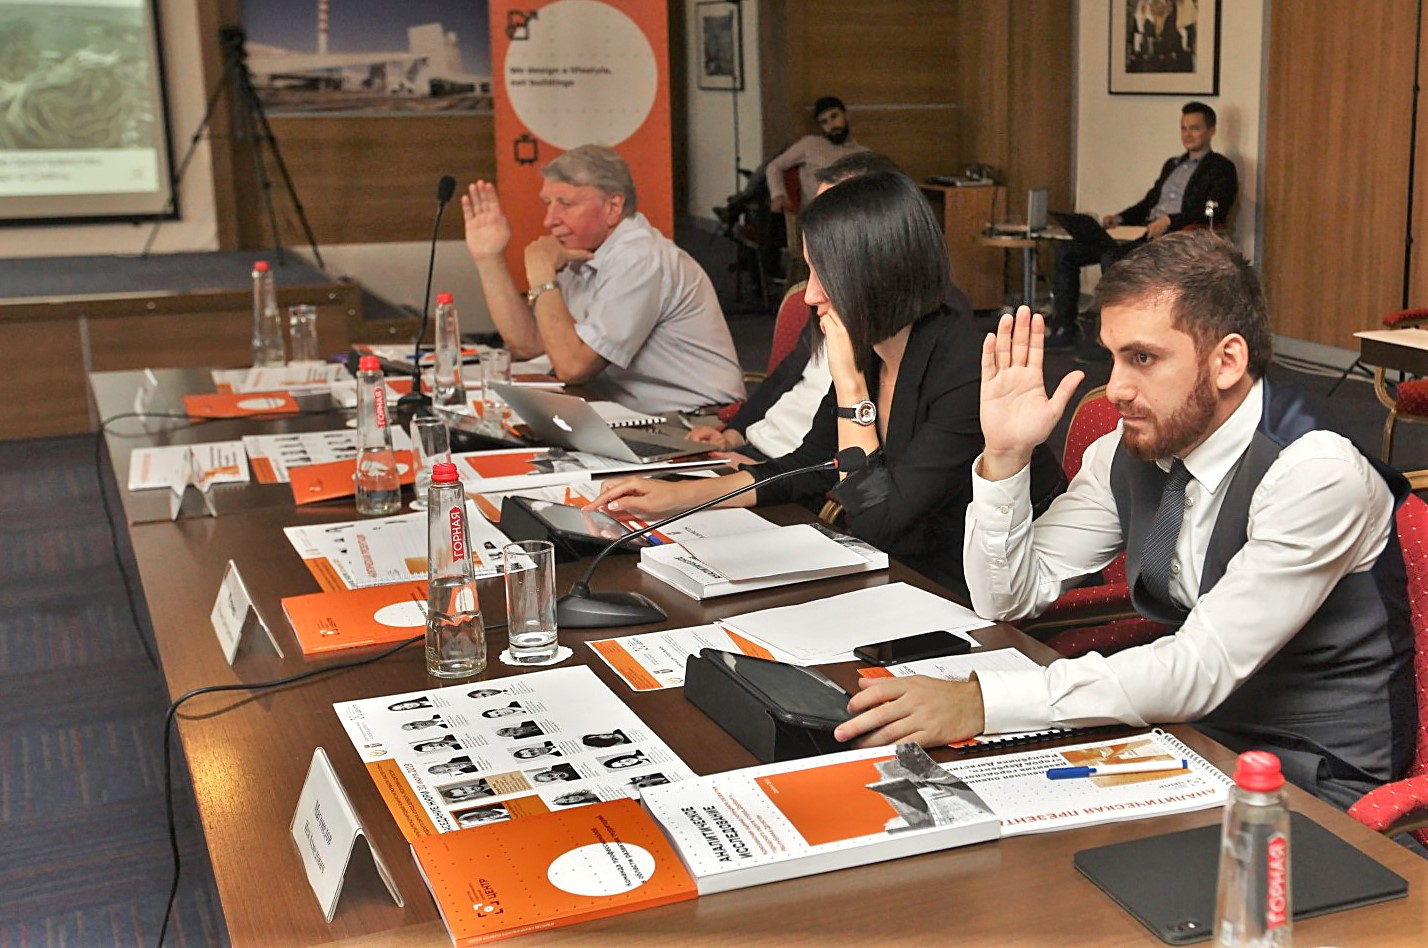 Видеозапись заседания жюри можно посмотреть на YouTube-канале Агентства «ЦЕНТР»